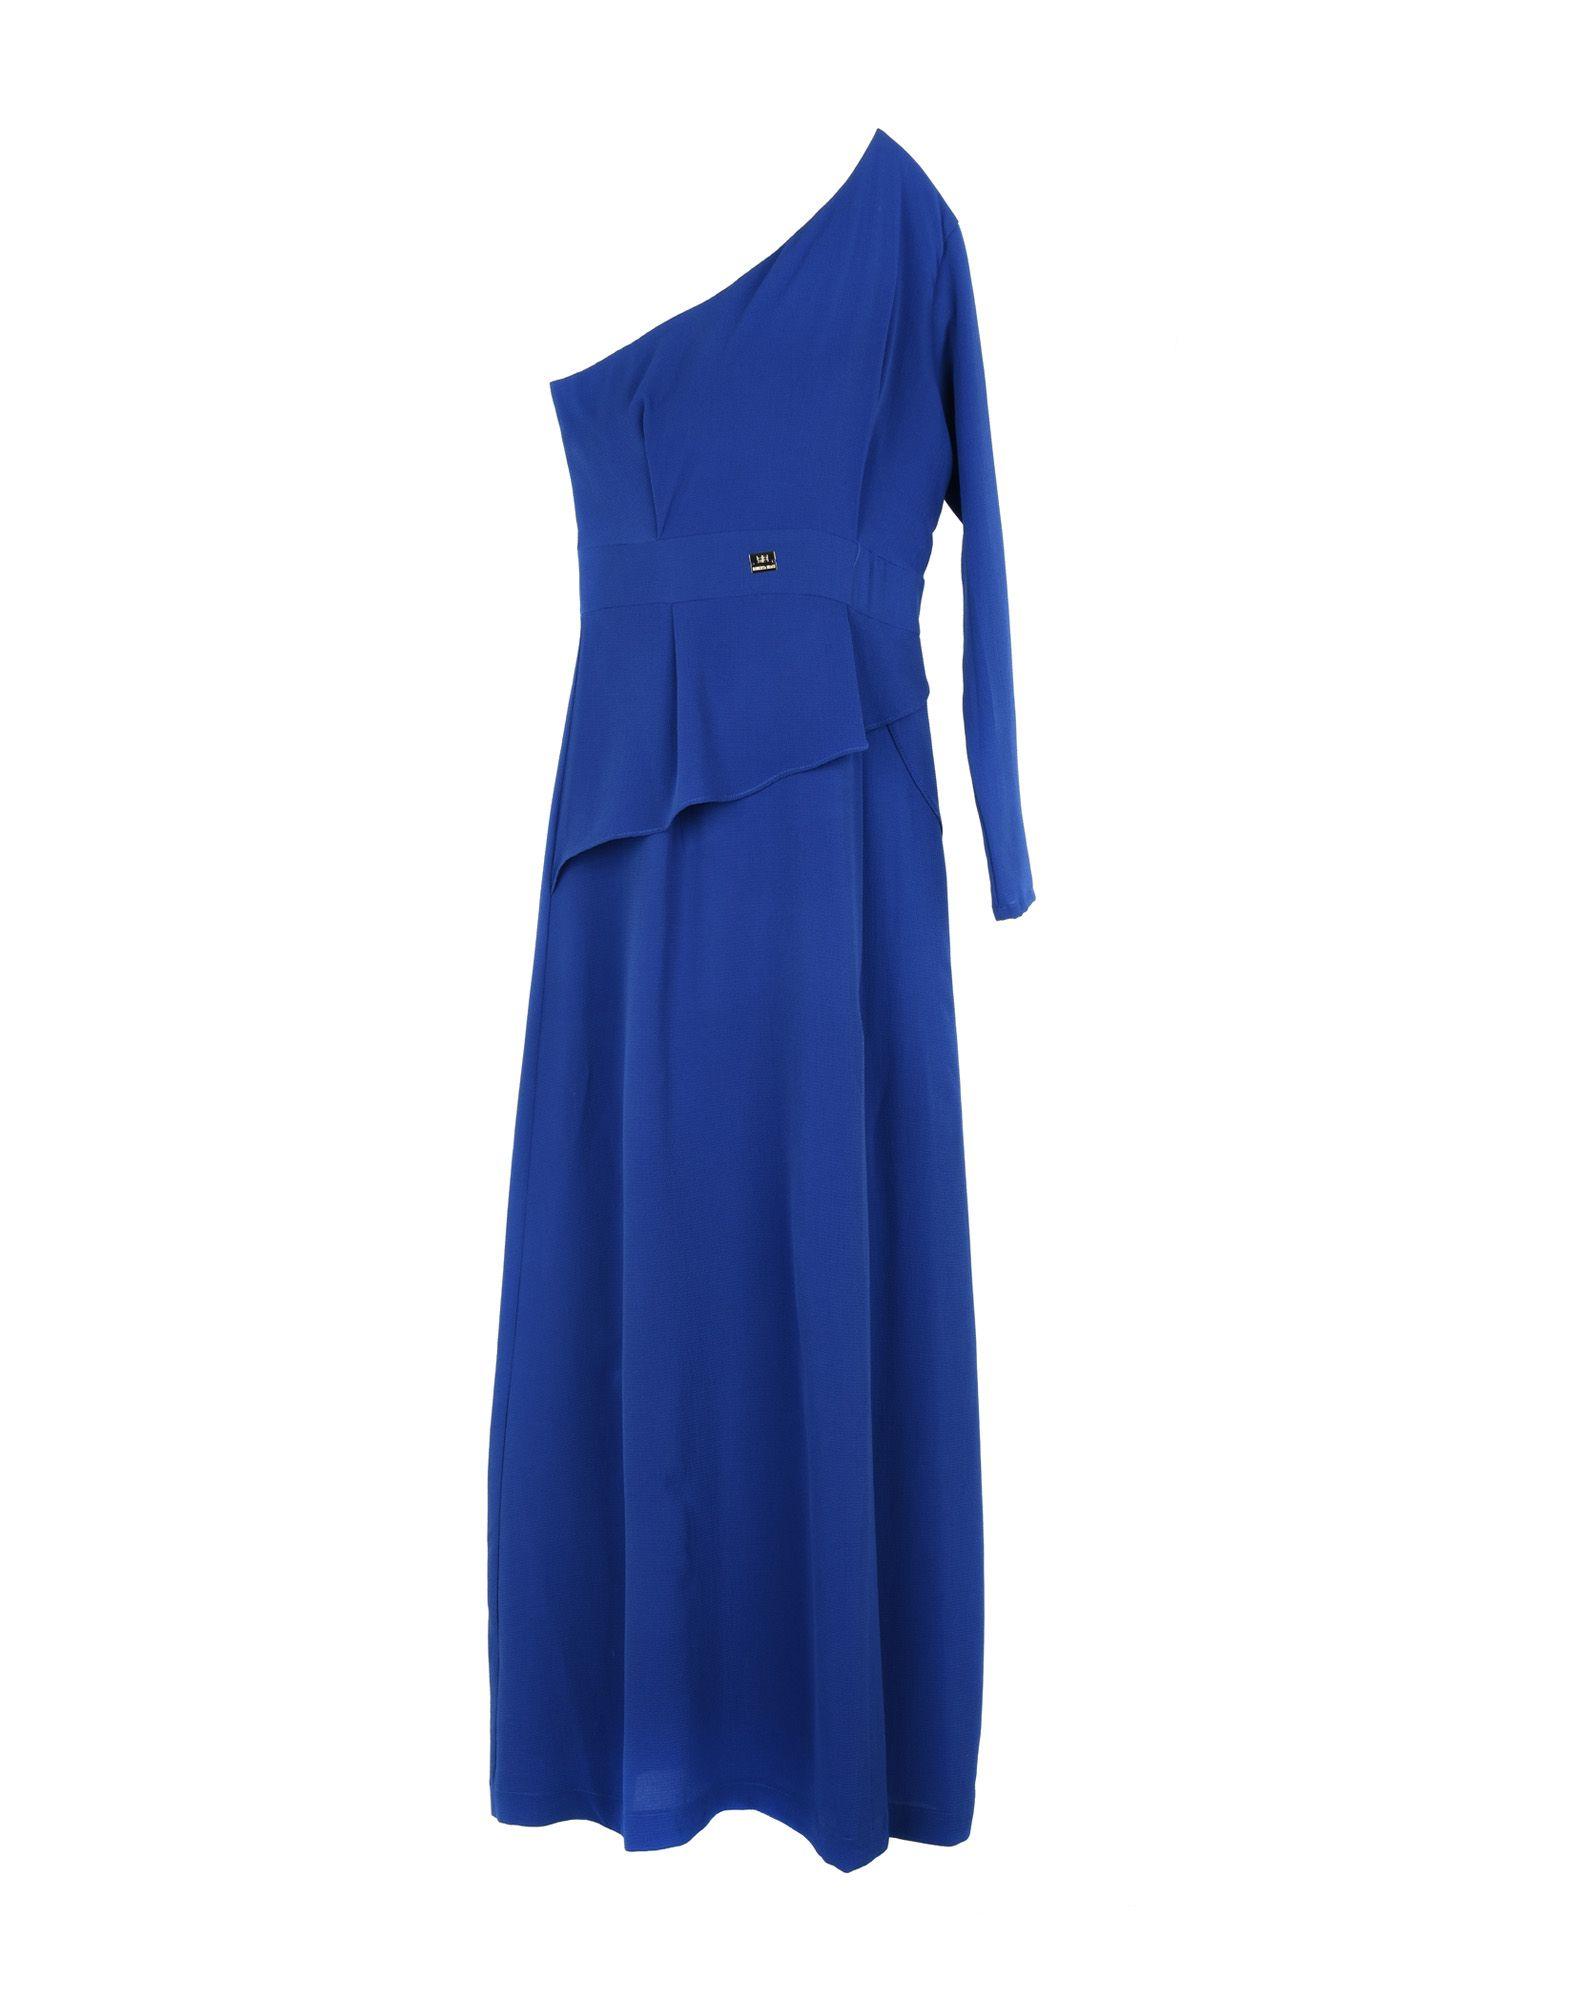 ROBERTA BIAGI Длинное платье платье короткое спереди длинное сзади летнее